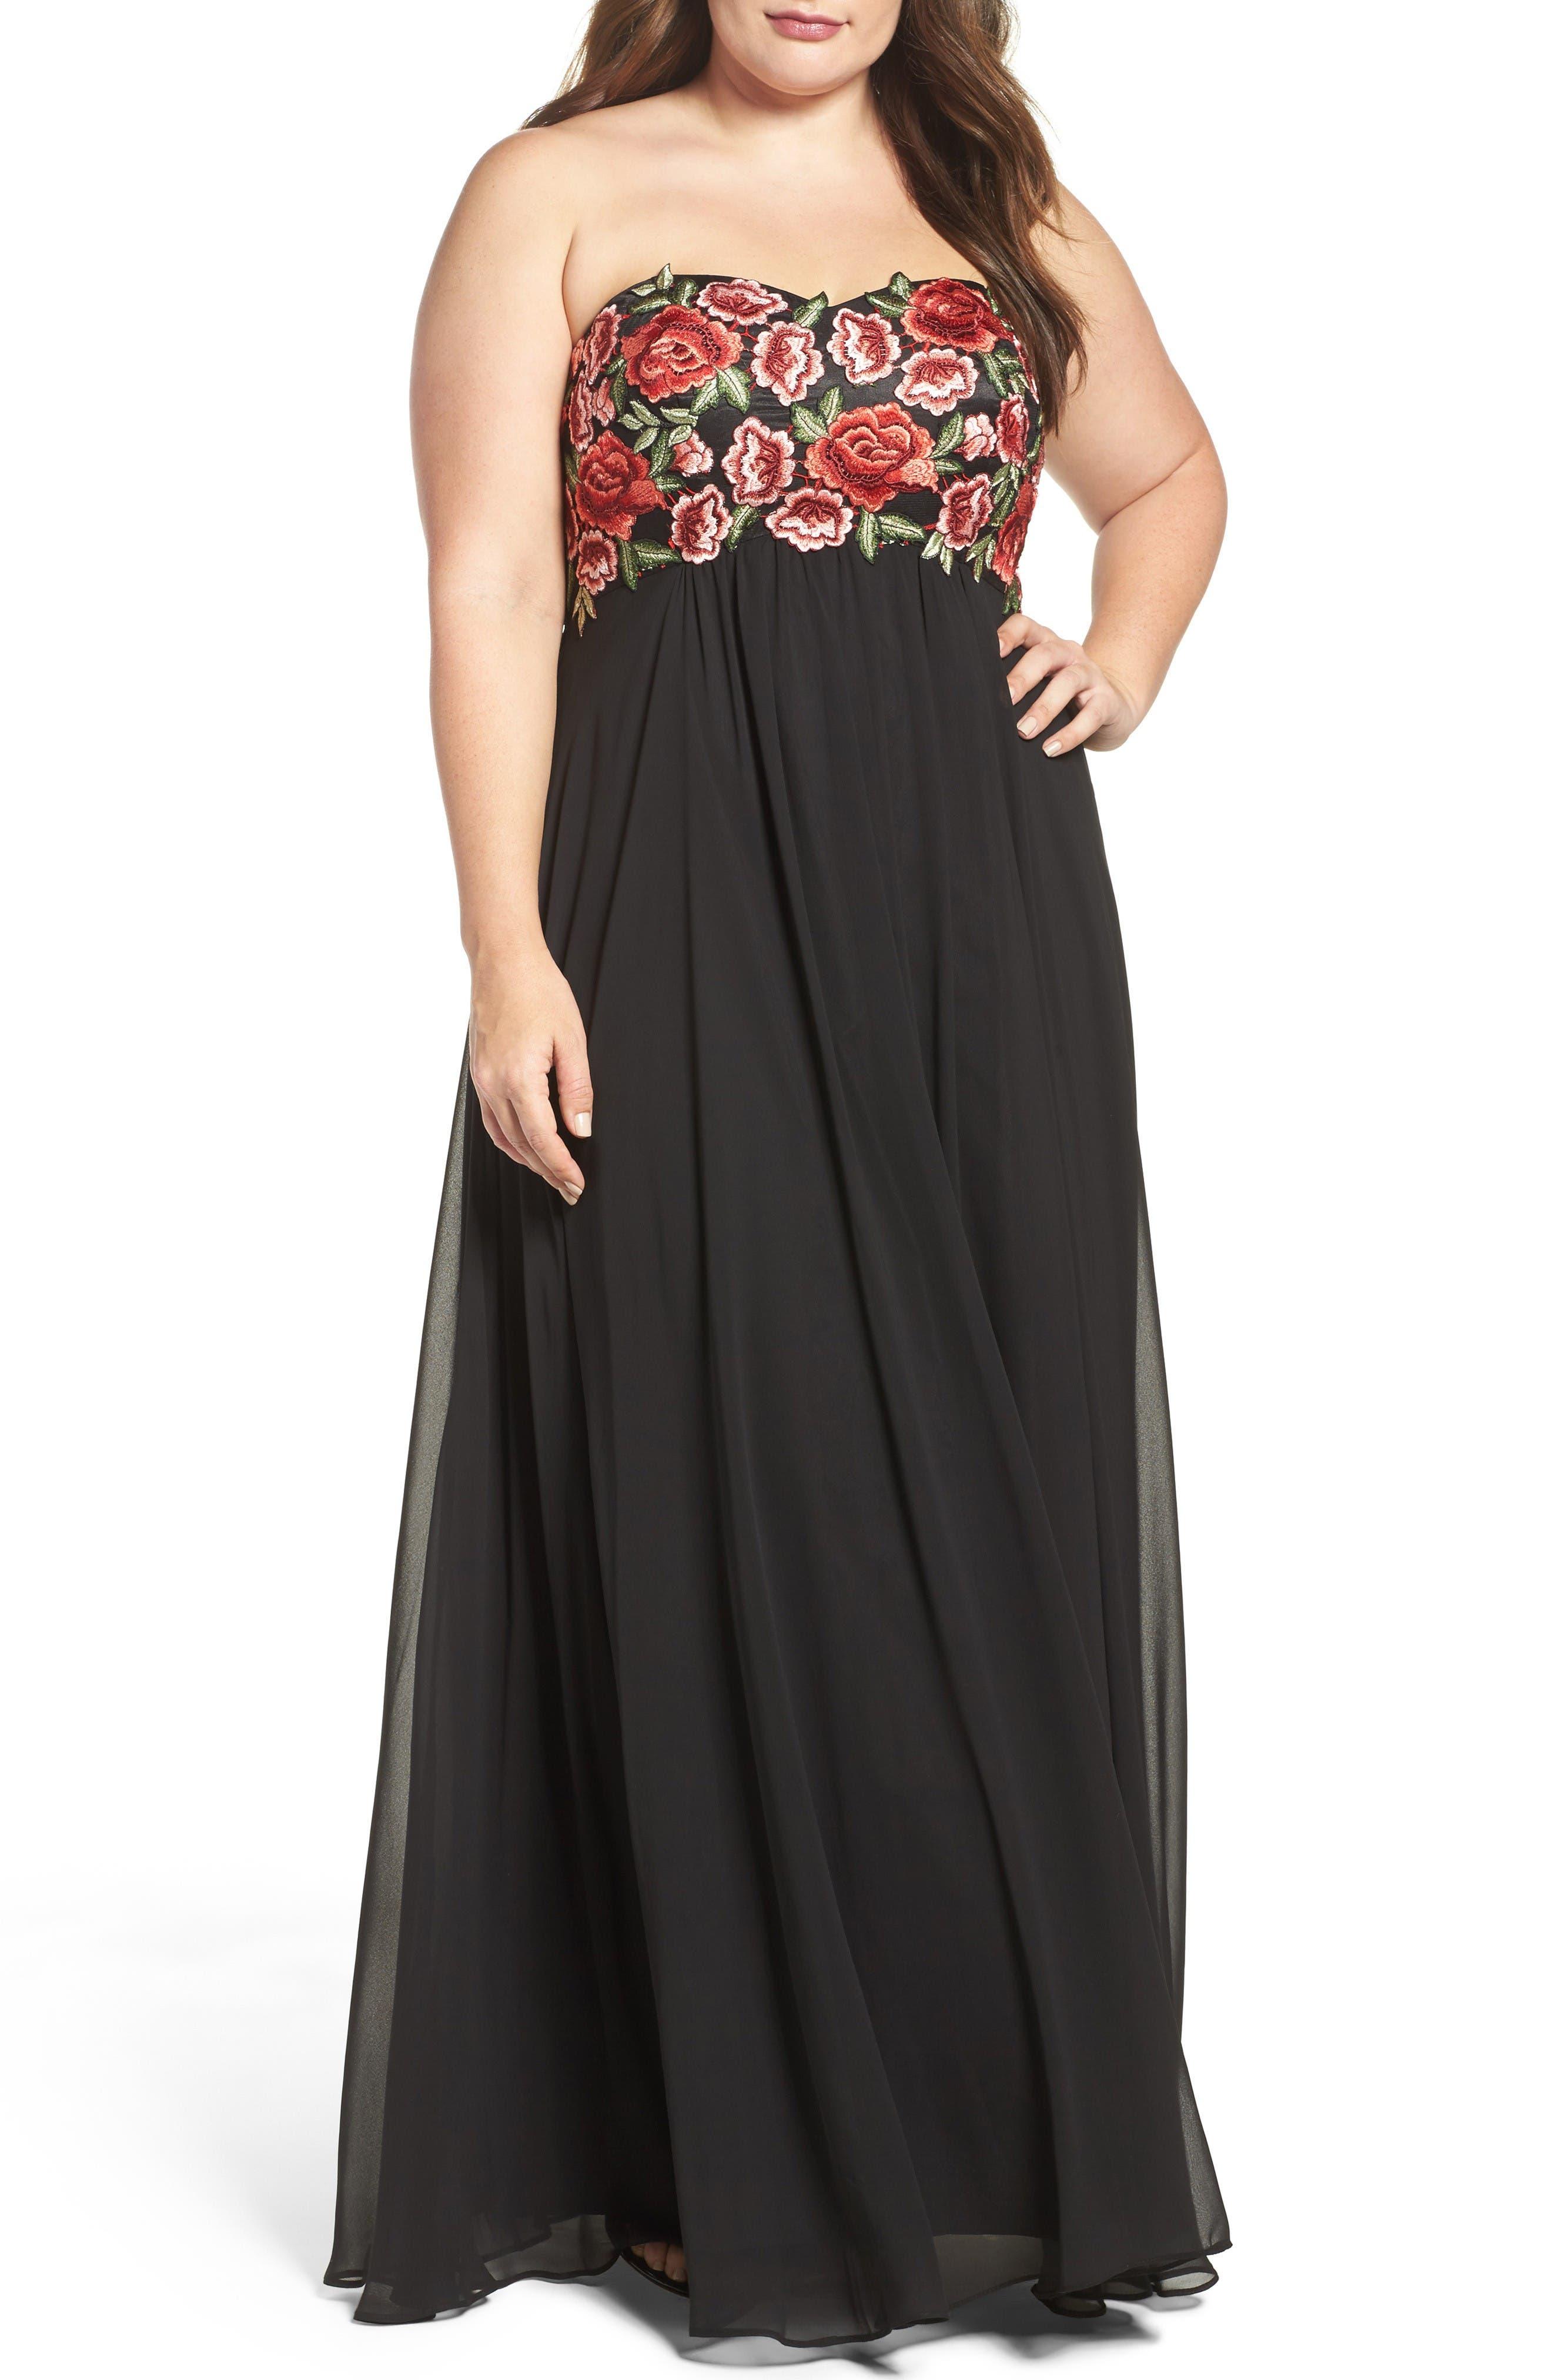 Main Image - Decode 1.8 Floral Appliqué Strapless Gown (Plus Size)